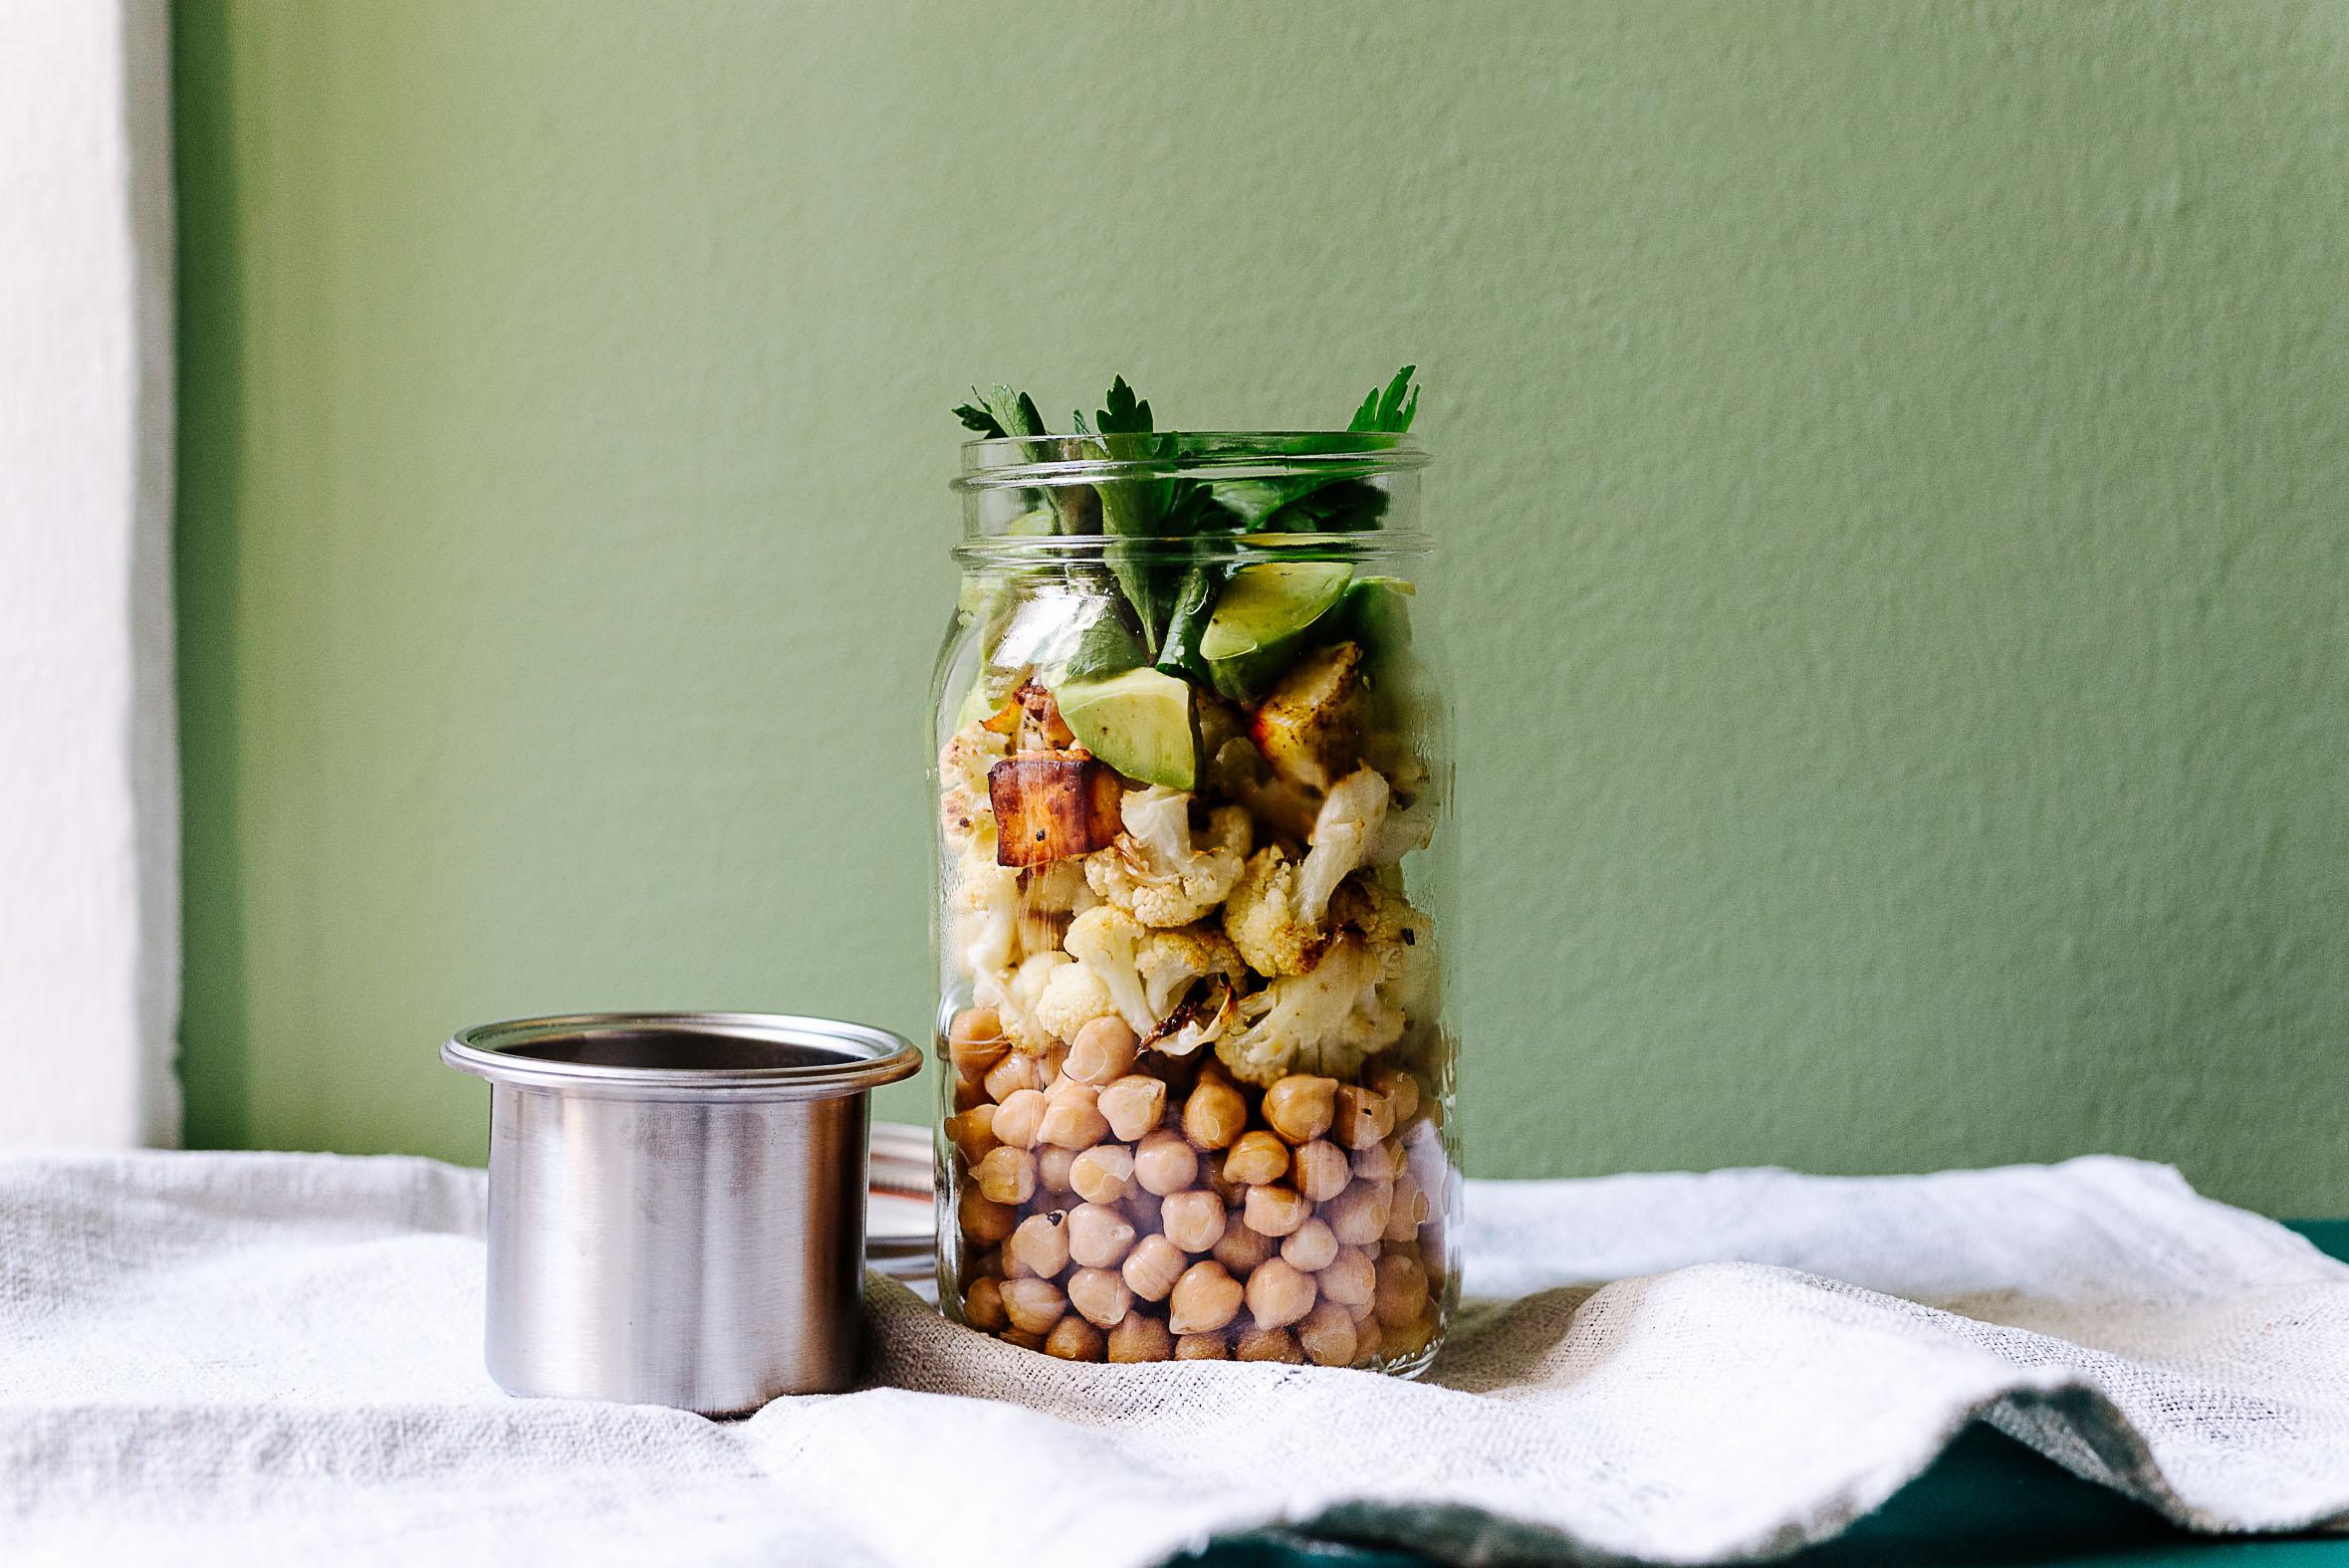 Kichererbsen mit geröstetem Blumenkohl, Avocado und Halloumi im Glas